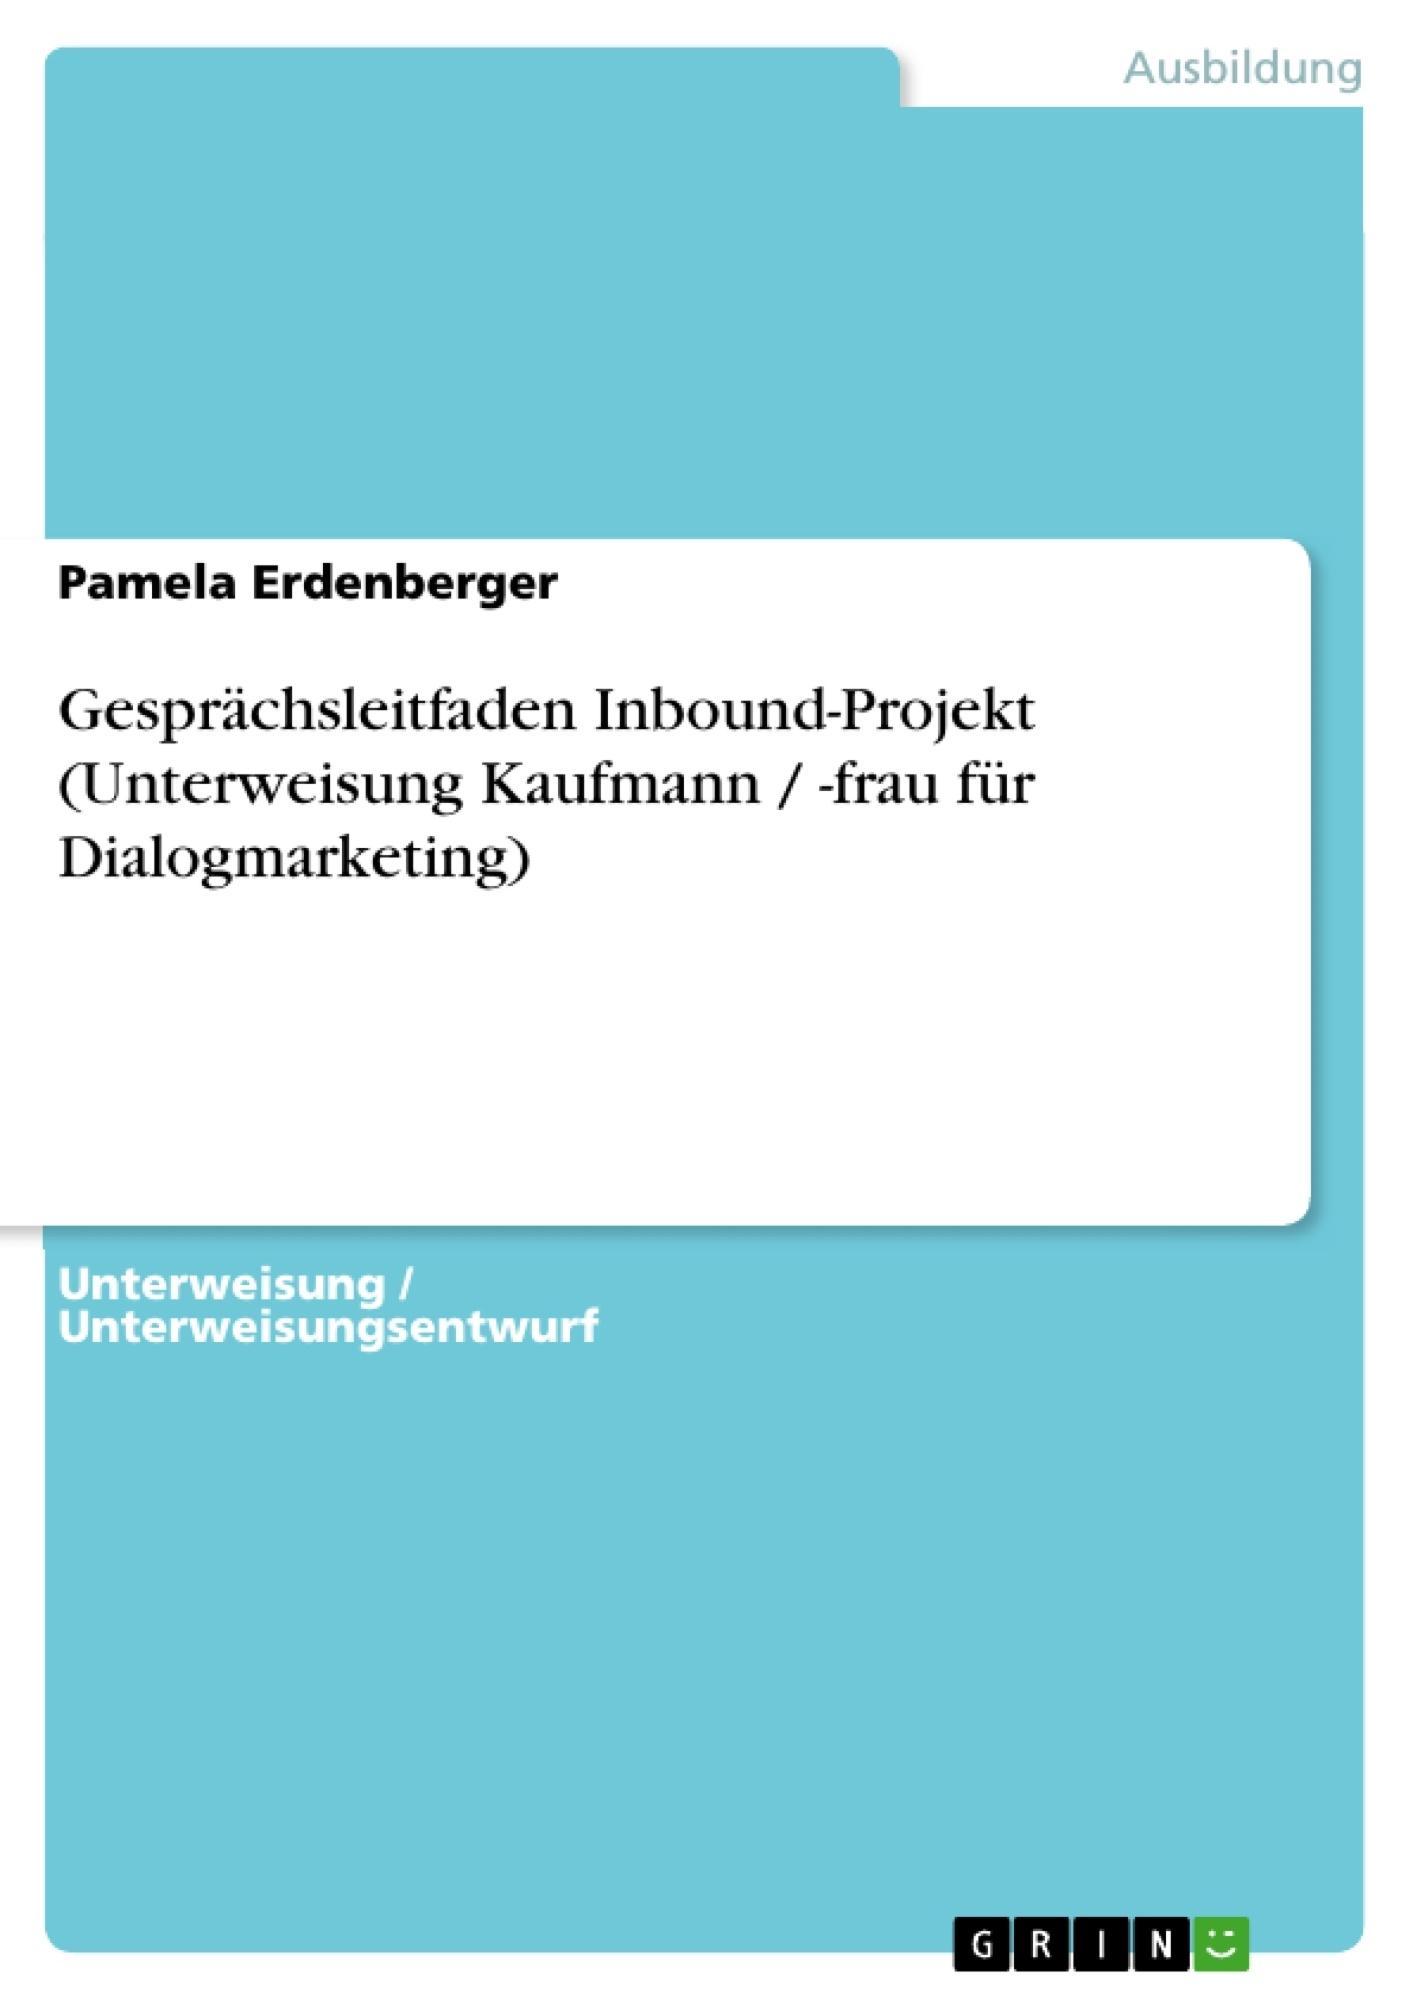 Titel: Gesprächsleitfaden Inbound-Projekt (Unterweisung Kaufmann / -frau für Dialogmarketing)